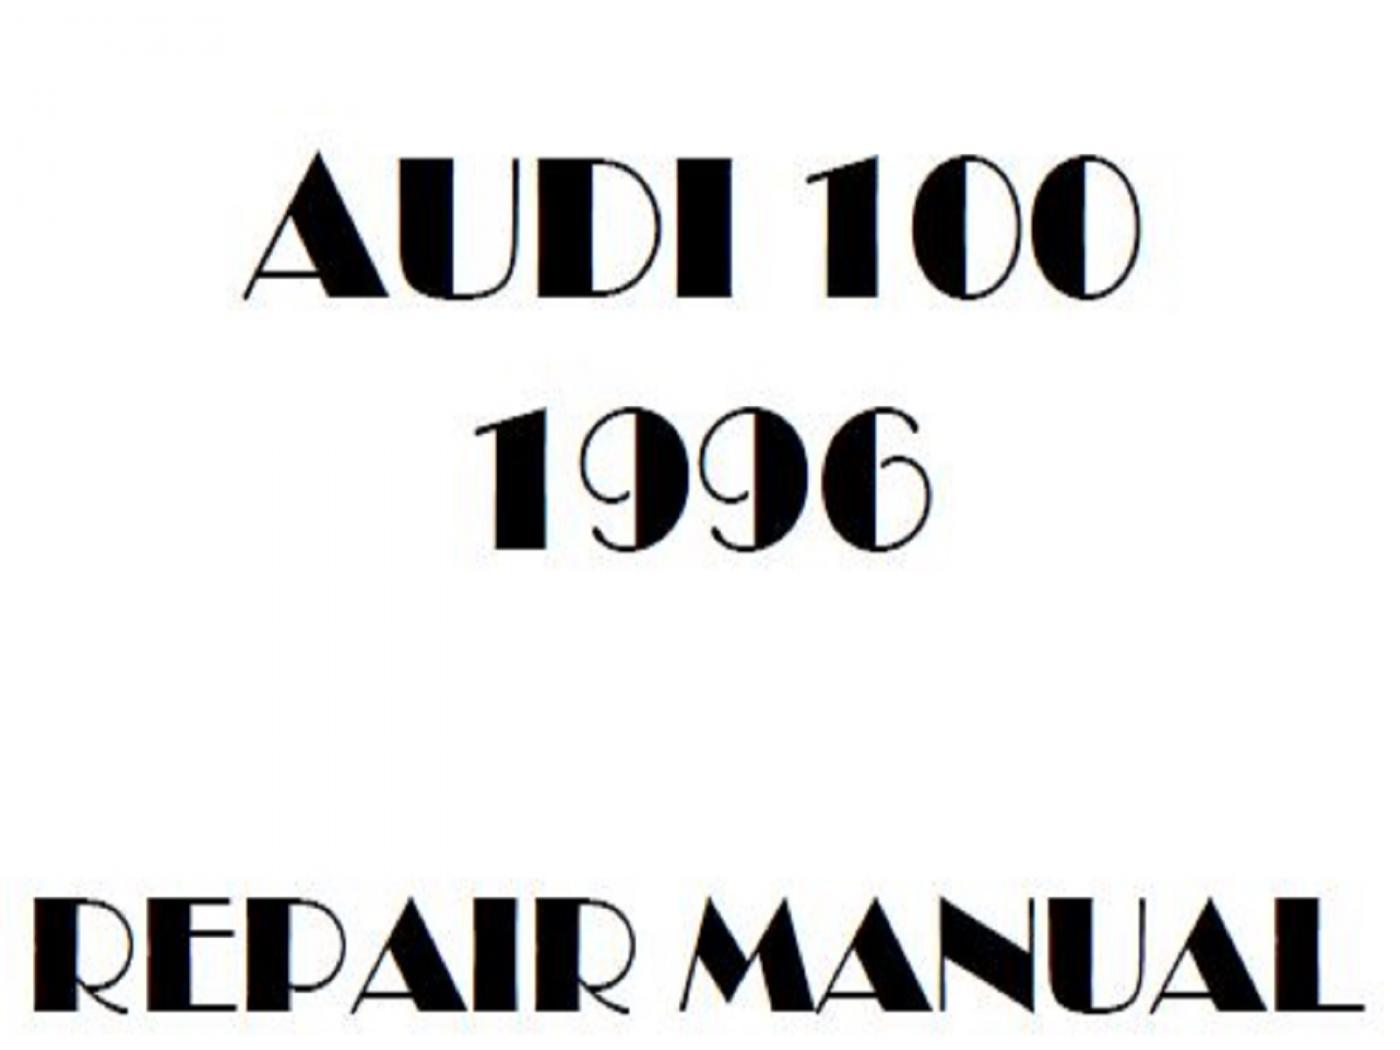 1996 Audi 100 repair manual